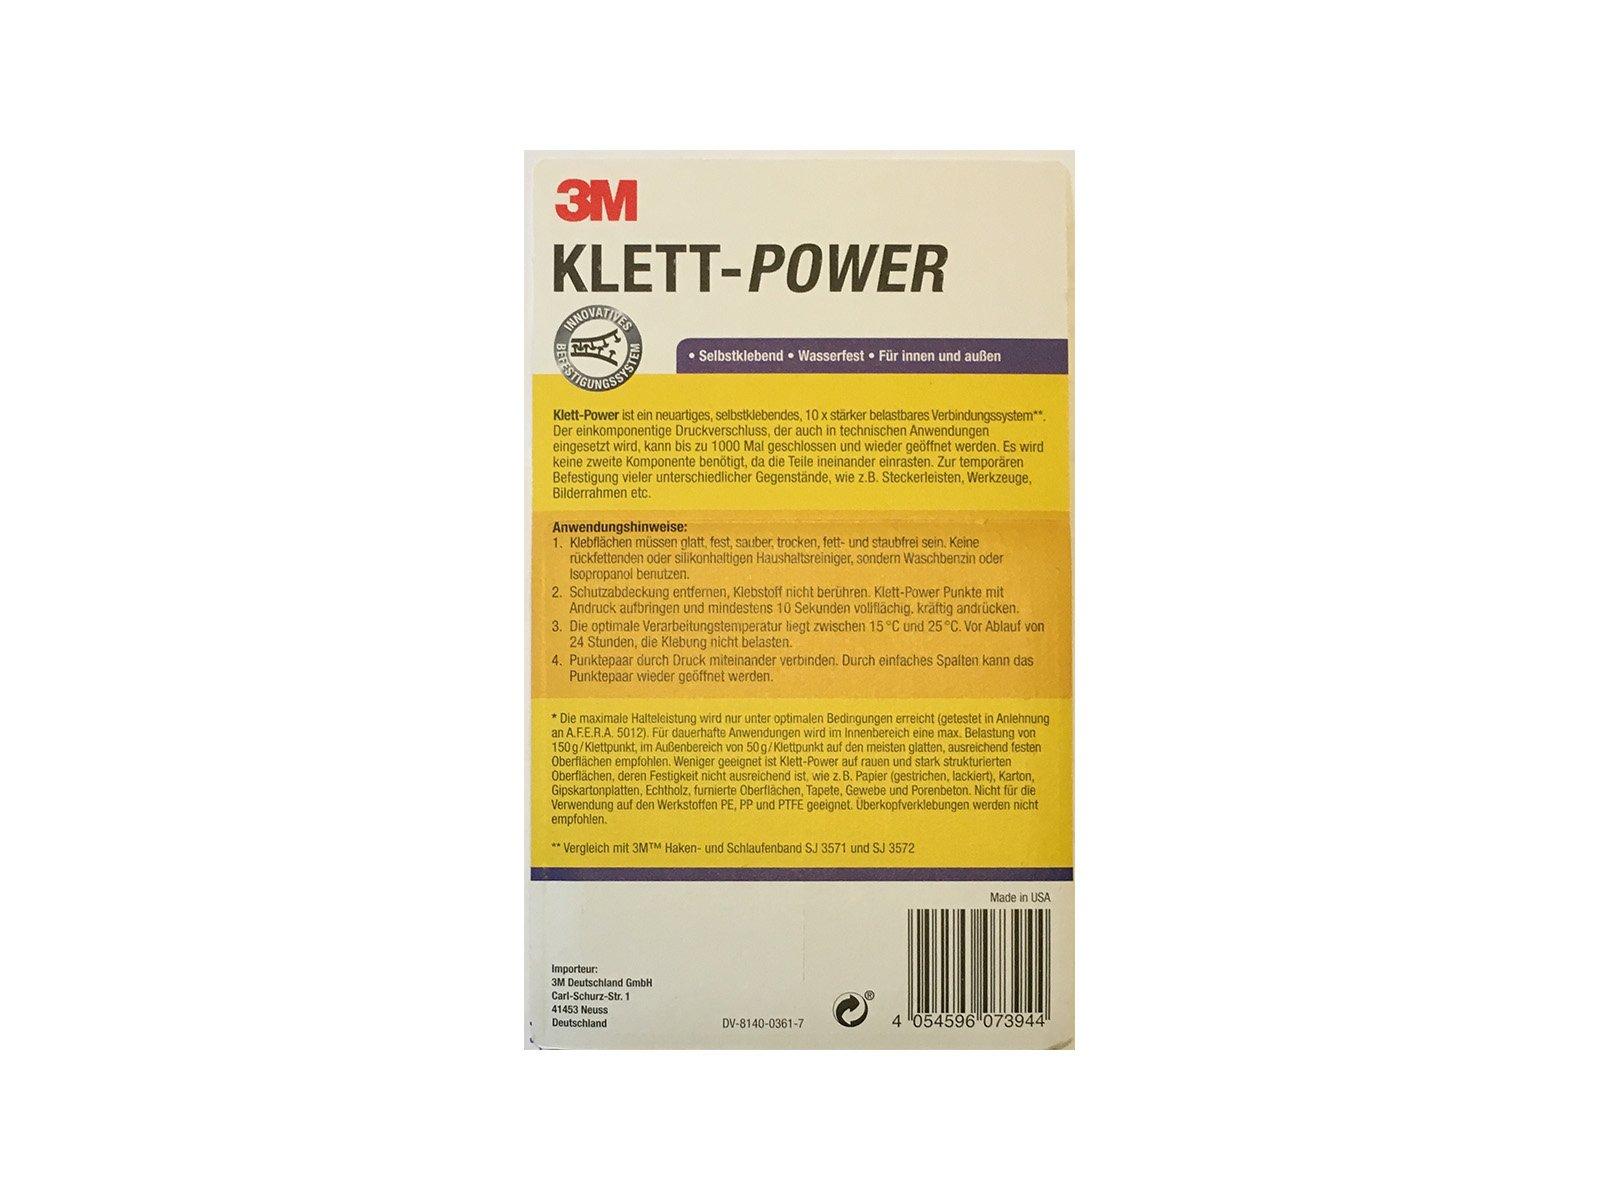 3m Klett Power